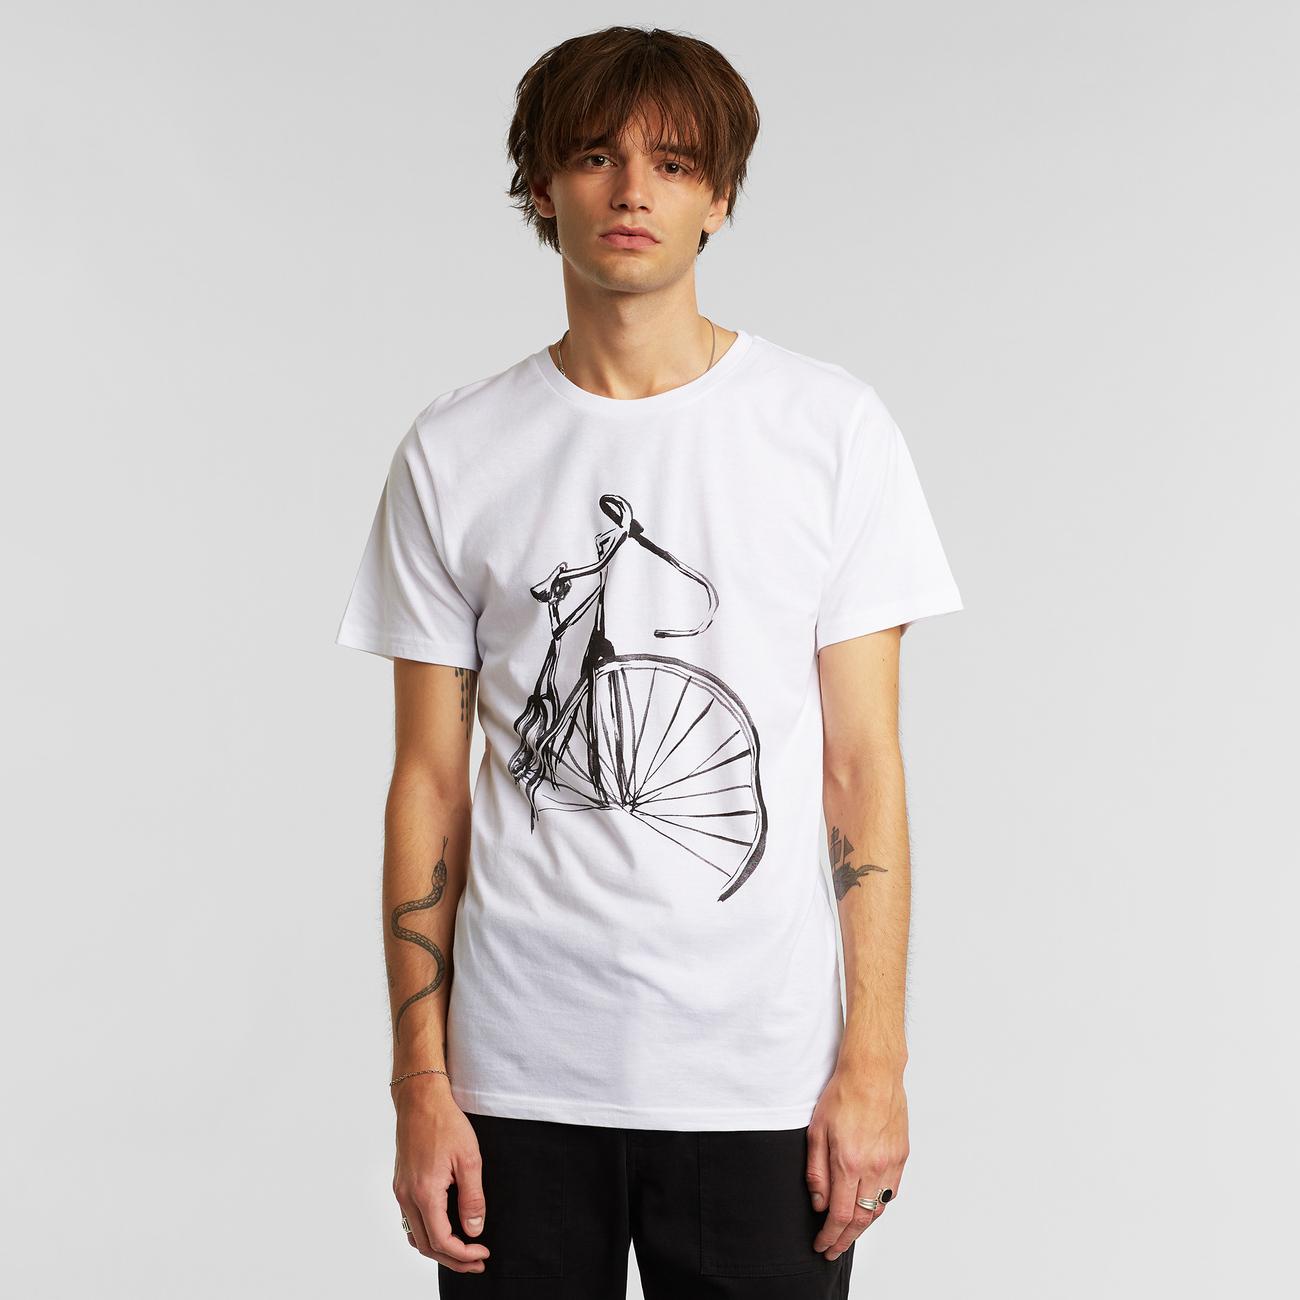 T-shirt Stockholm Sketch Bike